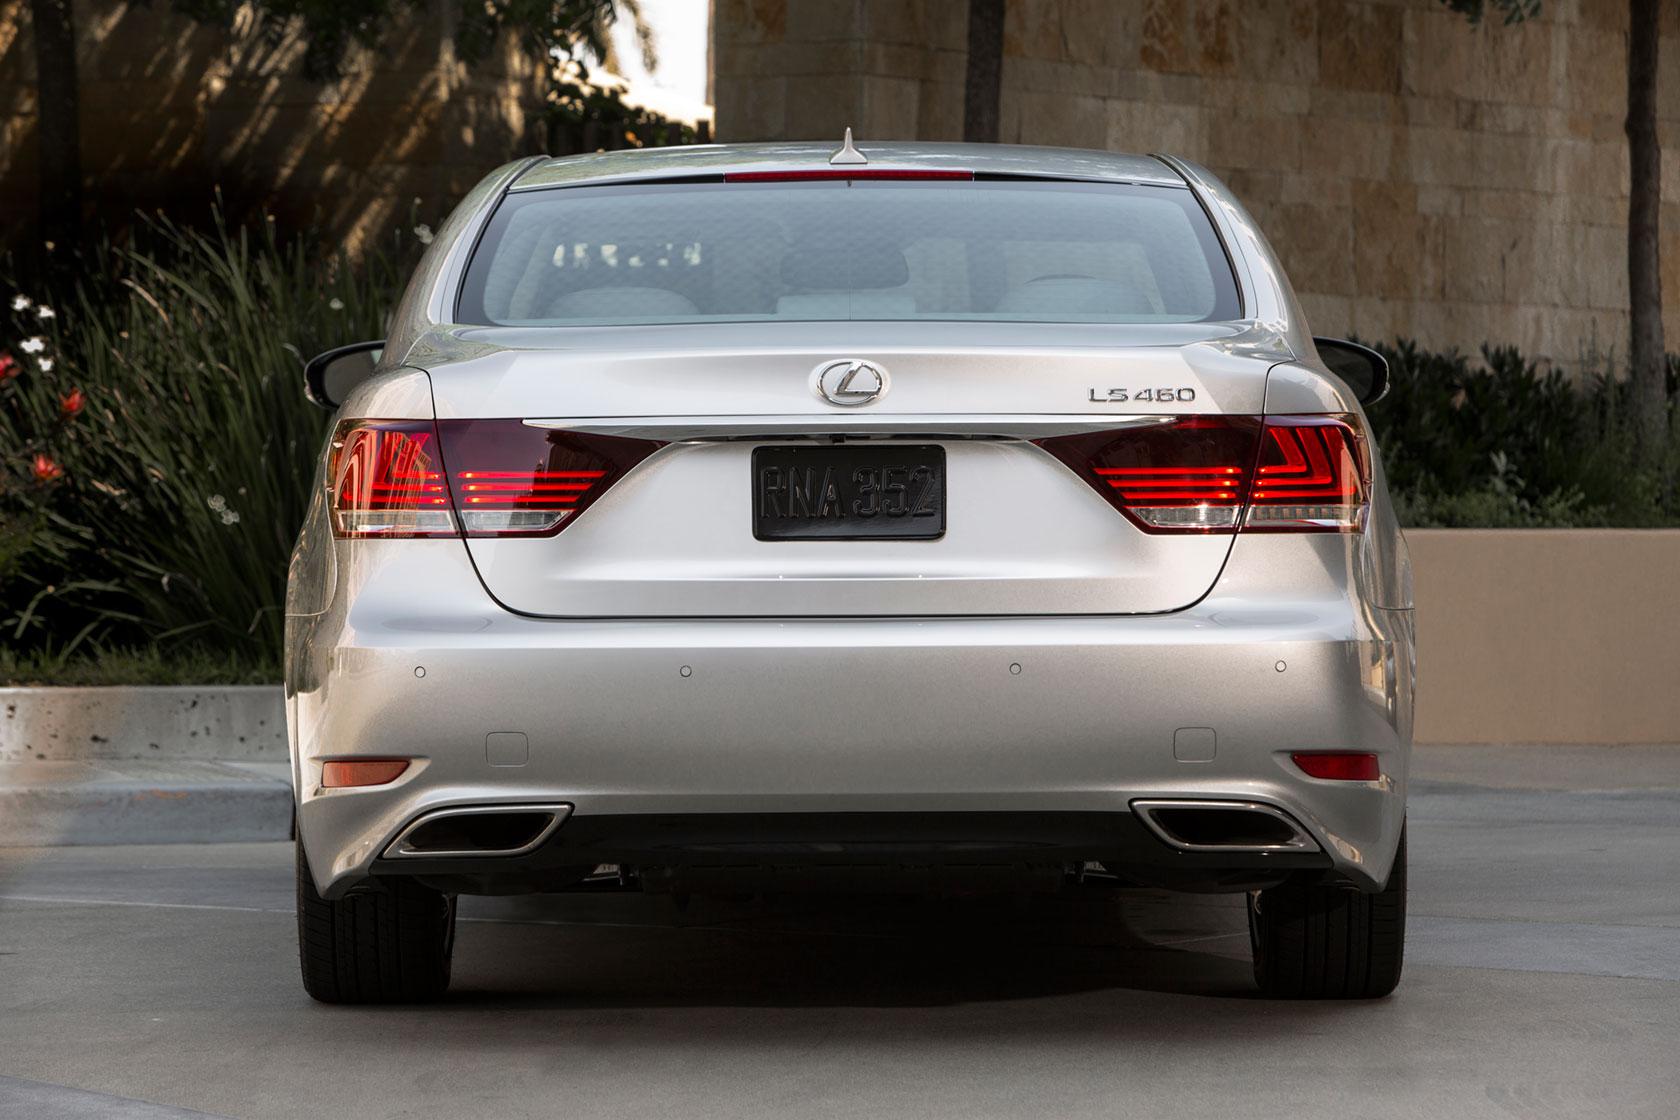 2013 Lexus LS Rear & 2013 Lexus LS Preview | Lexus Enthusiast